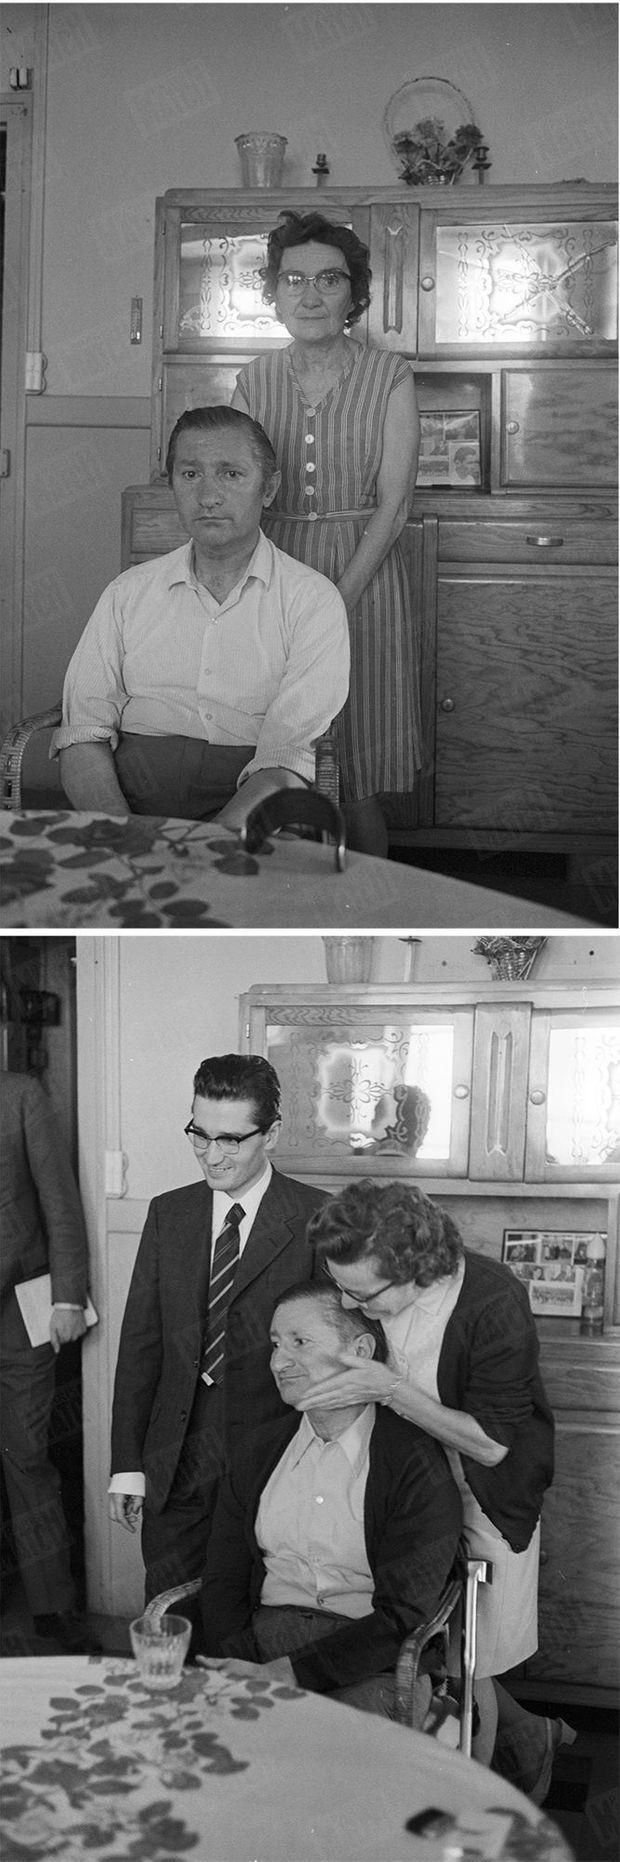 Les parents de Jean-Marie Deveaux. En haut, avant le second procès de leur fils. En bas, avec lui, le sourire retrouvé, après son acquittement.